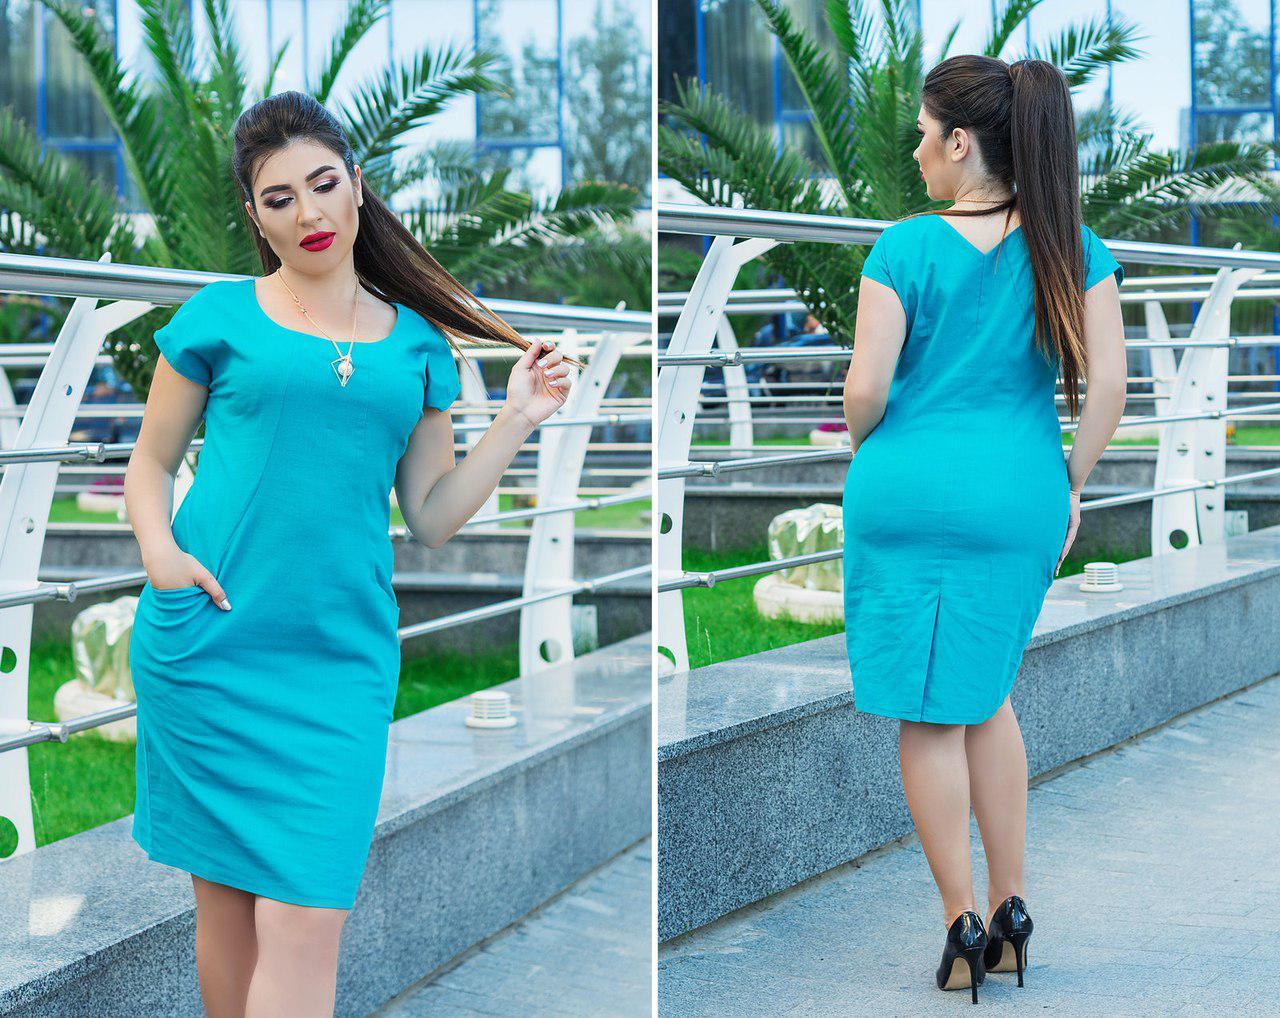 Летнее льняное платье больших размеров 50+ с украшением в комплекте, есть карманы арт 5813-178